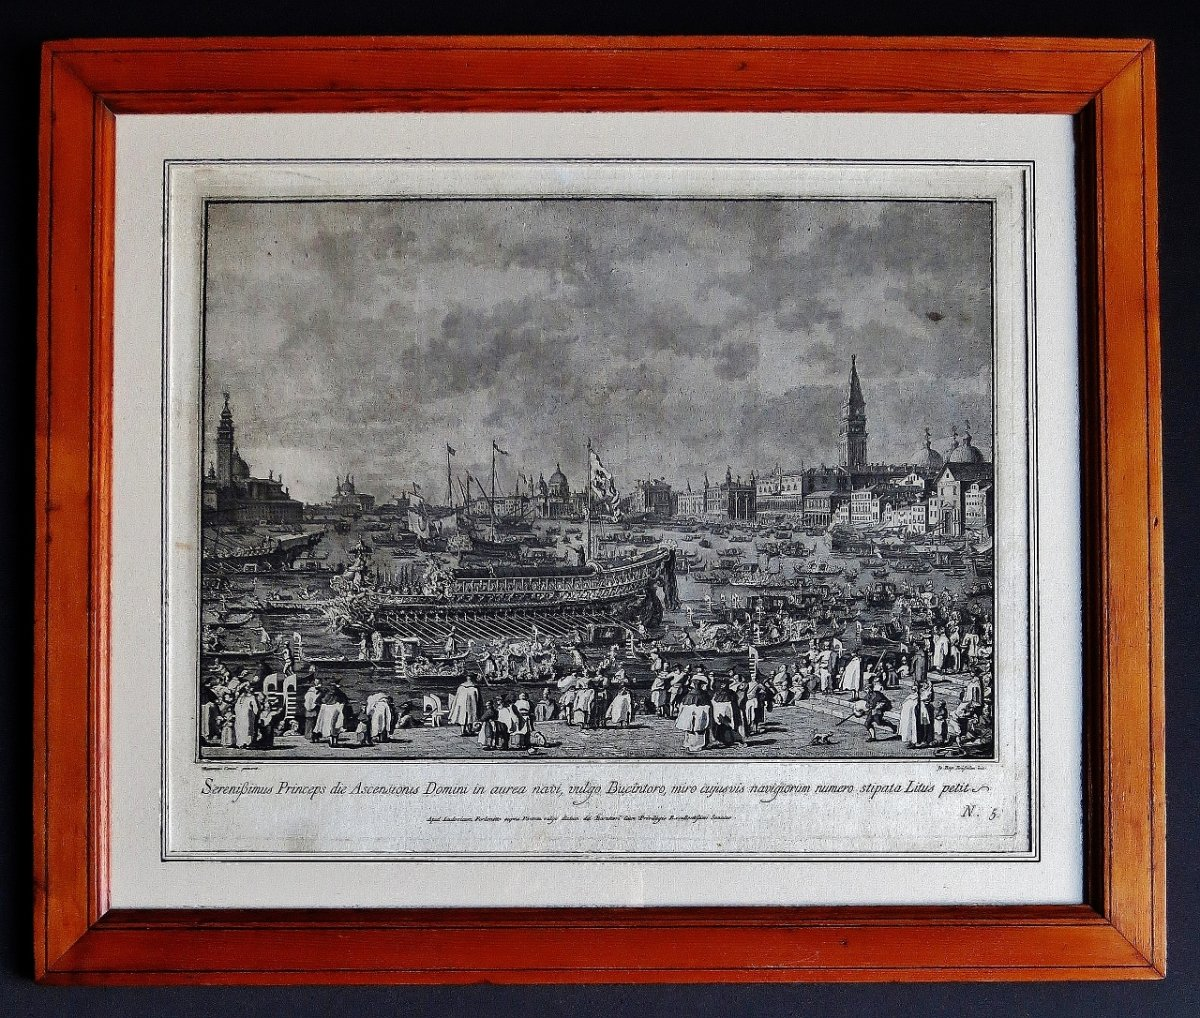 Le mariage avec la mer gravure d 39 apr s canaletto xviiie for Architecture 18e siecle france